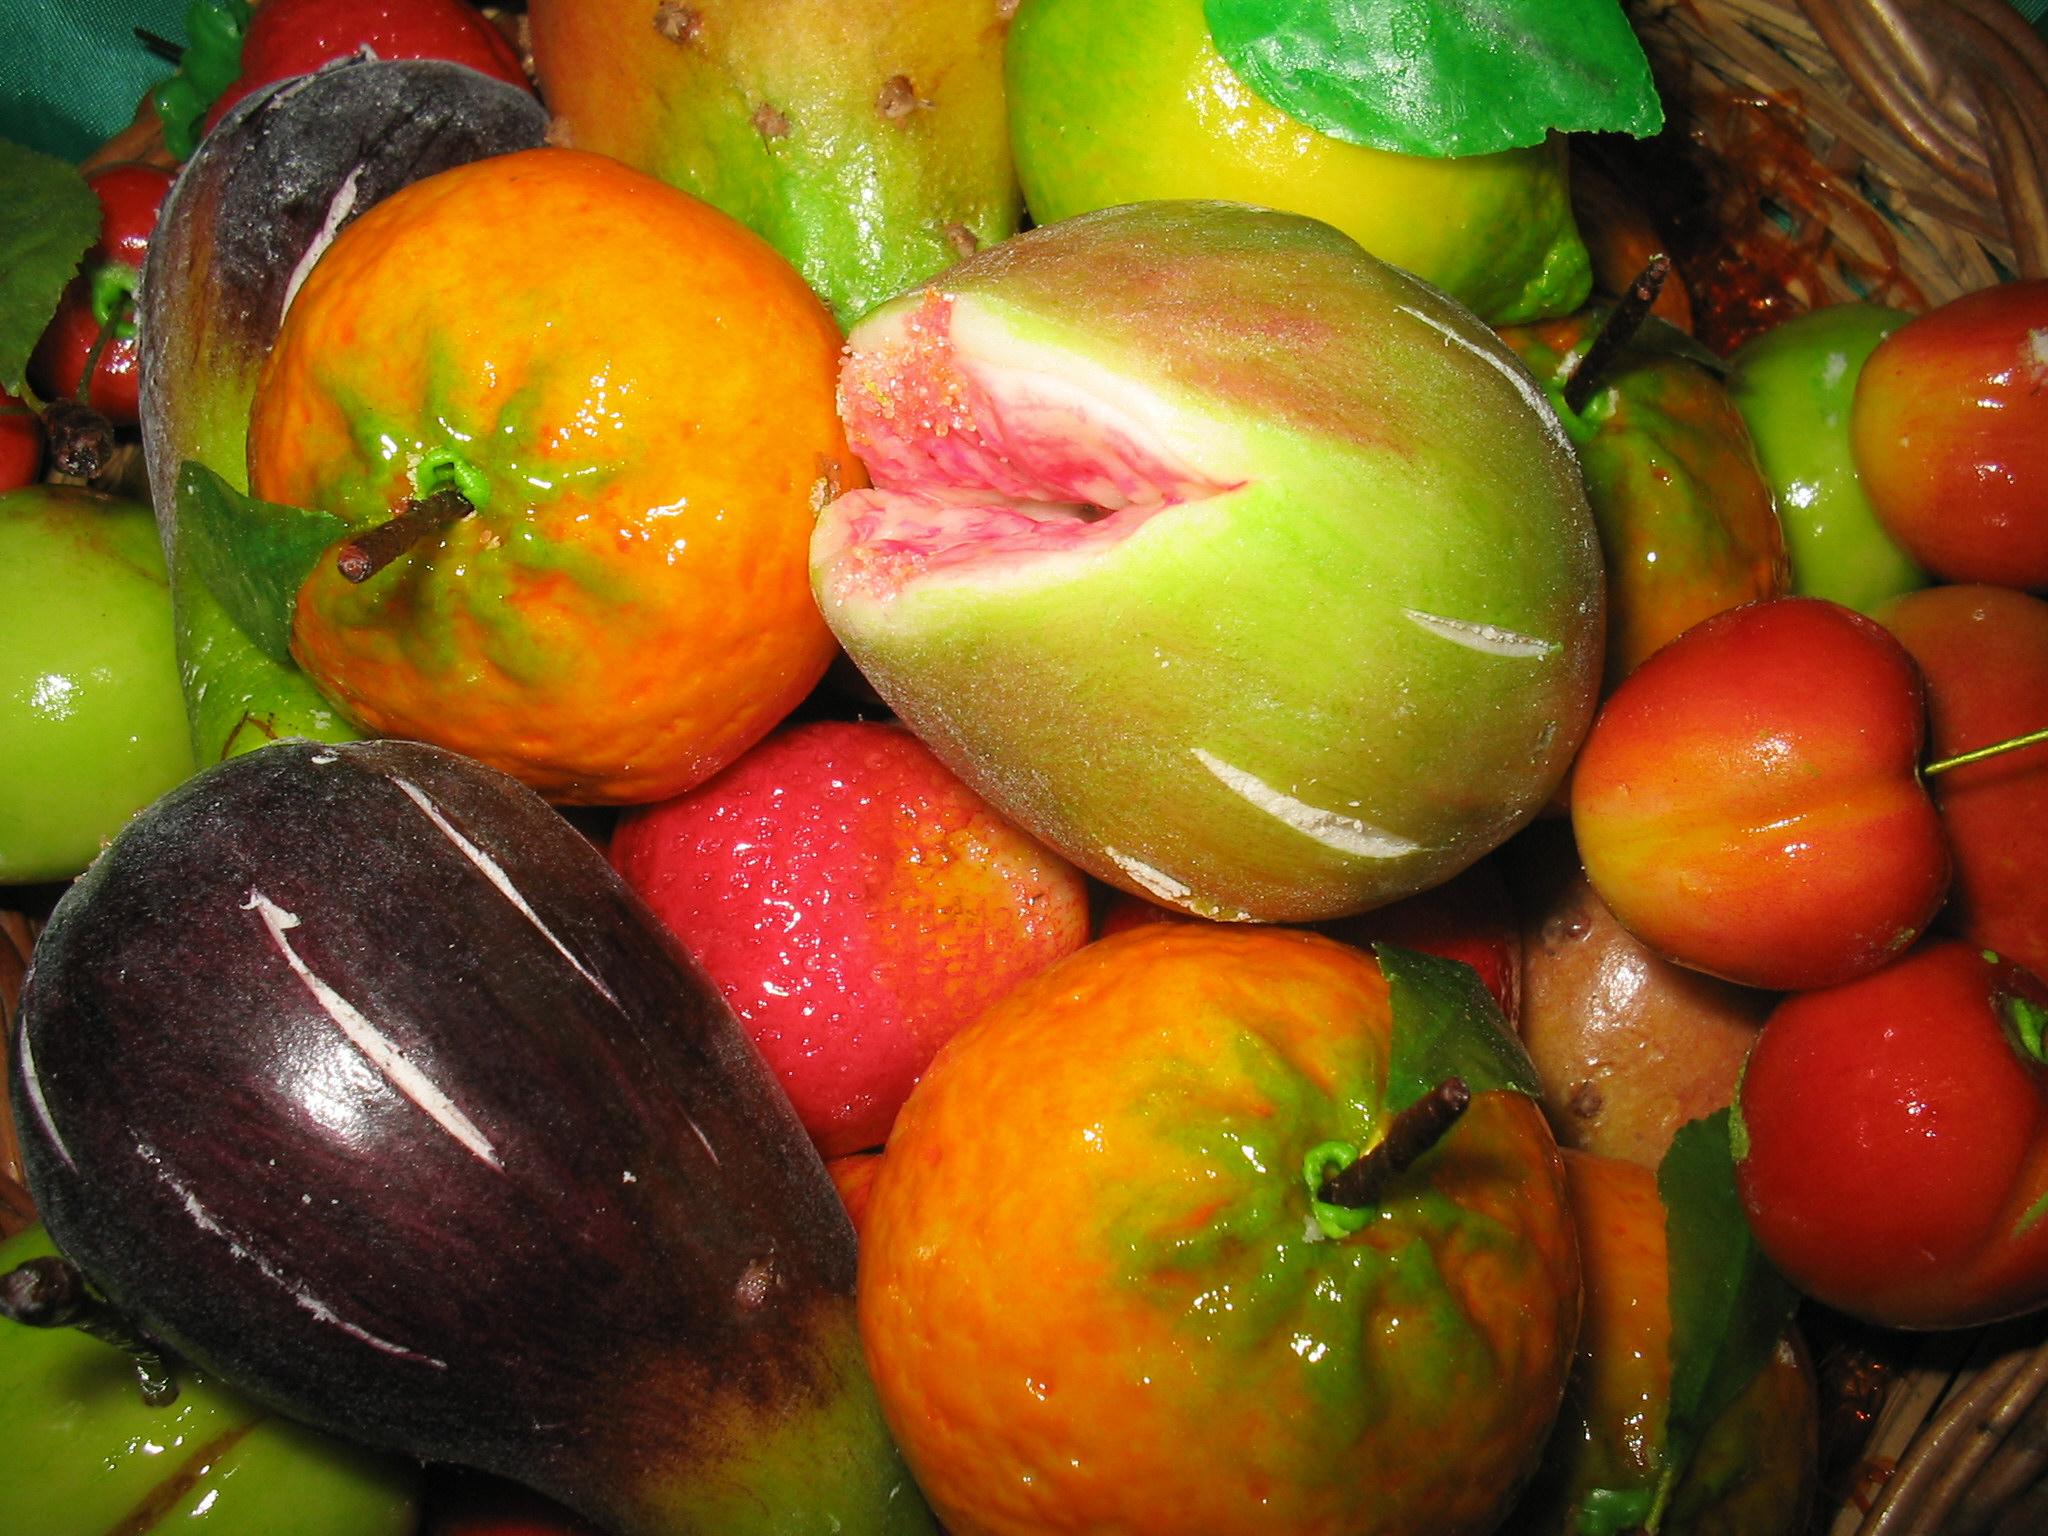 la-frutta-di-martorana-dolce-tipico-palermitano